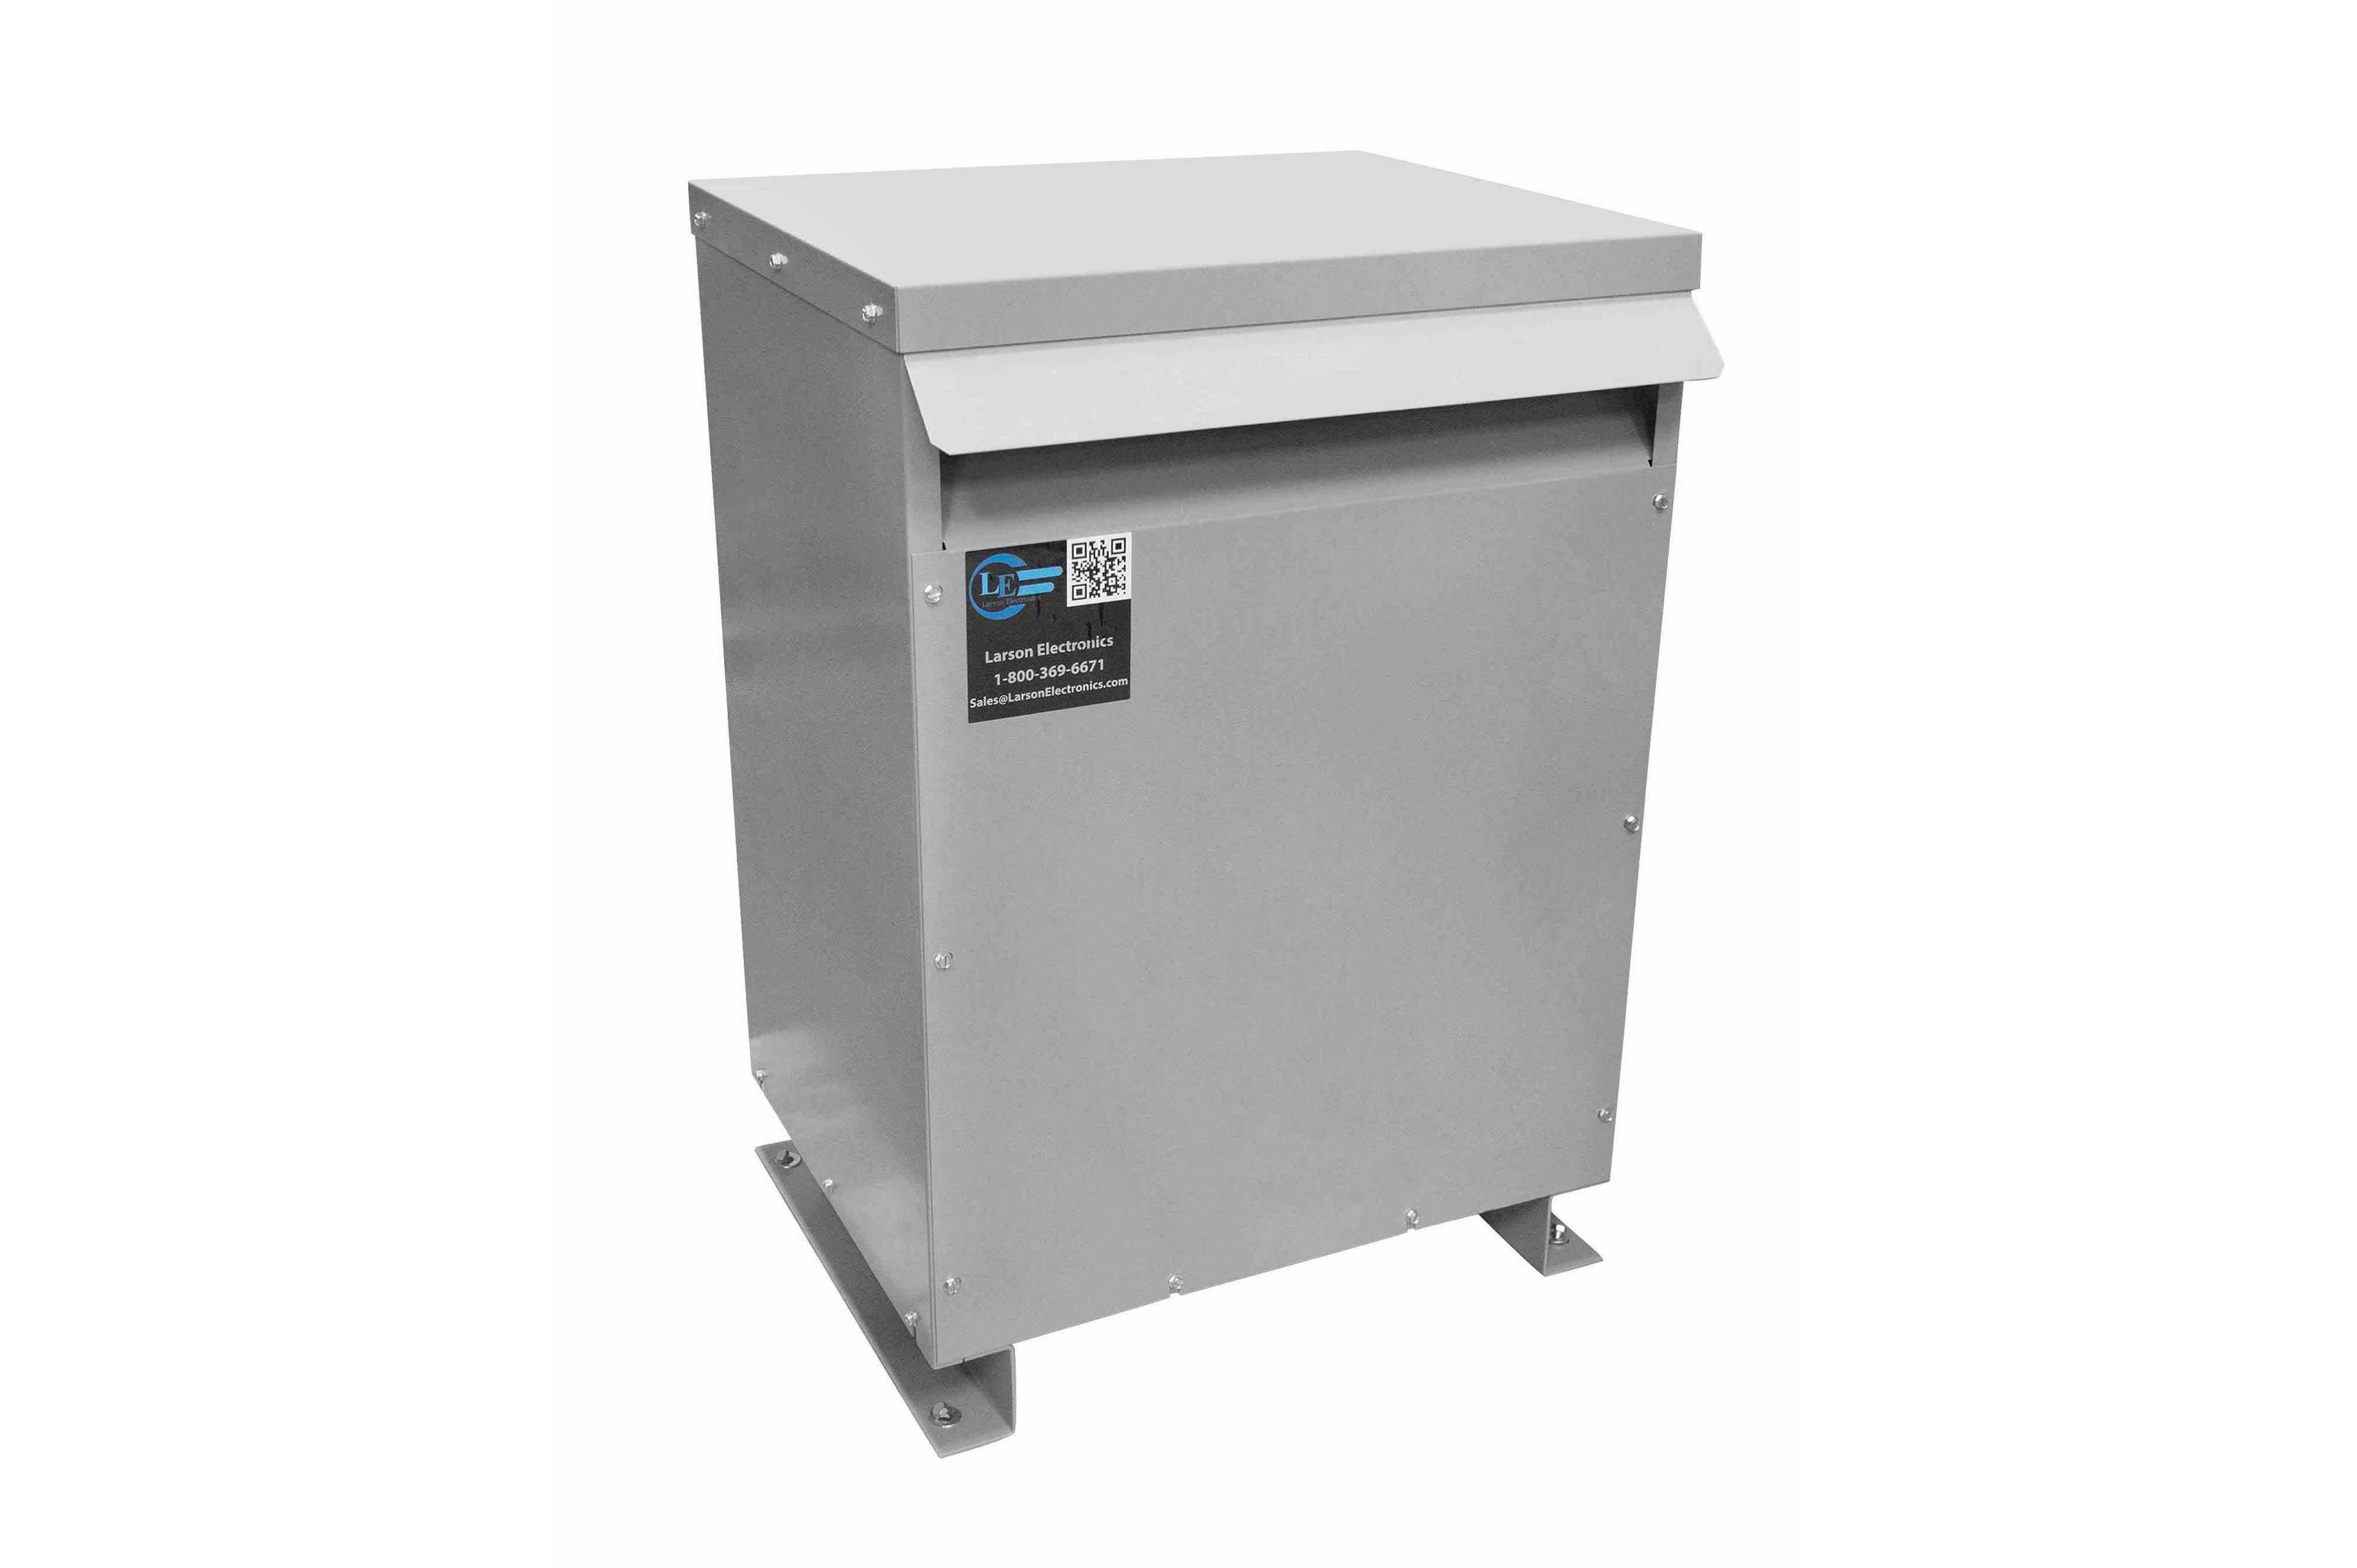 55 kVA 3PH Isolation Transformer, 208V Delta Primary, 380V Delta Secondary, N3R, Ventilated, 60 Hz